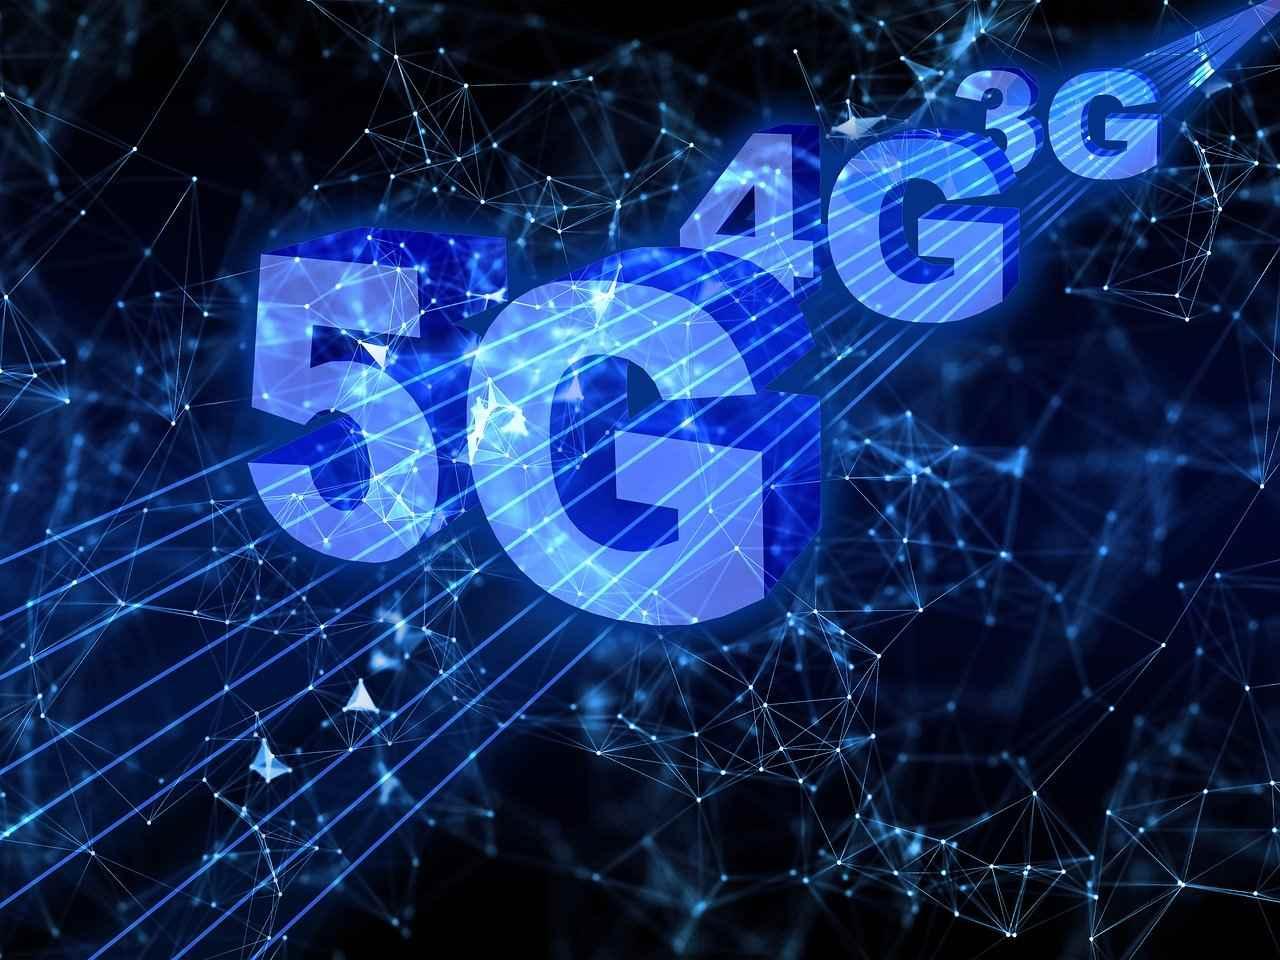 5G siet 4G siet 3G siet